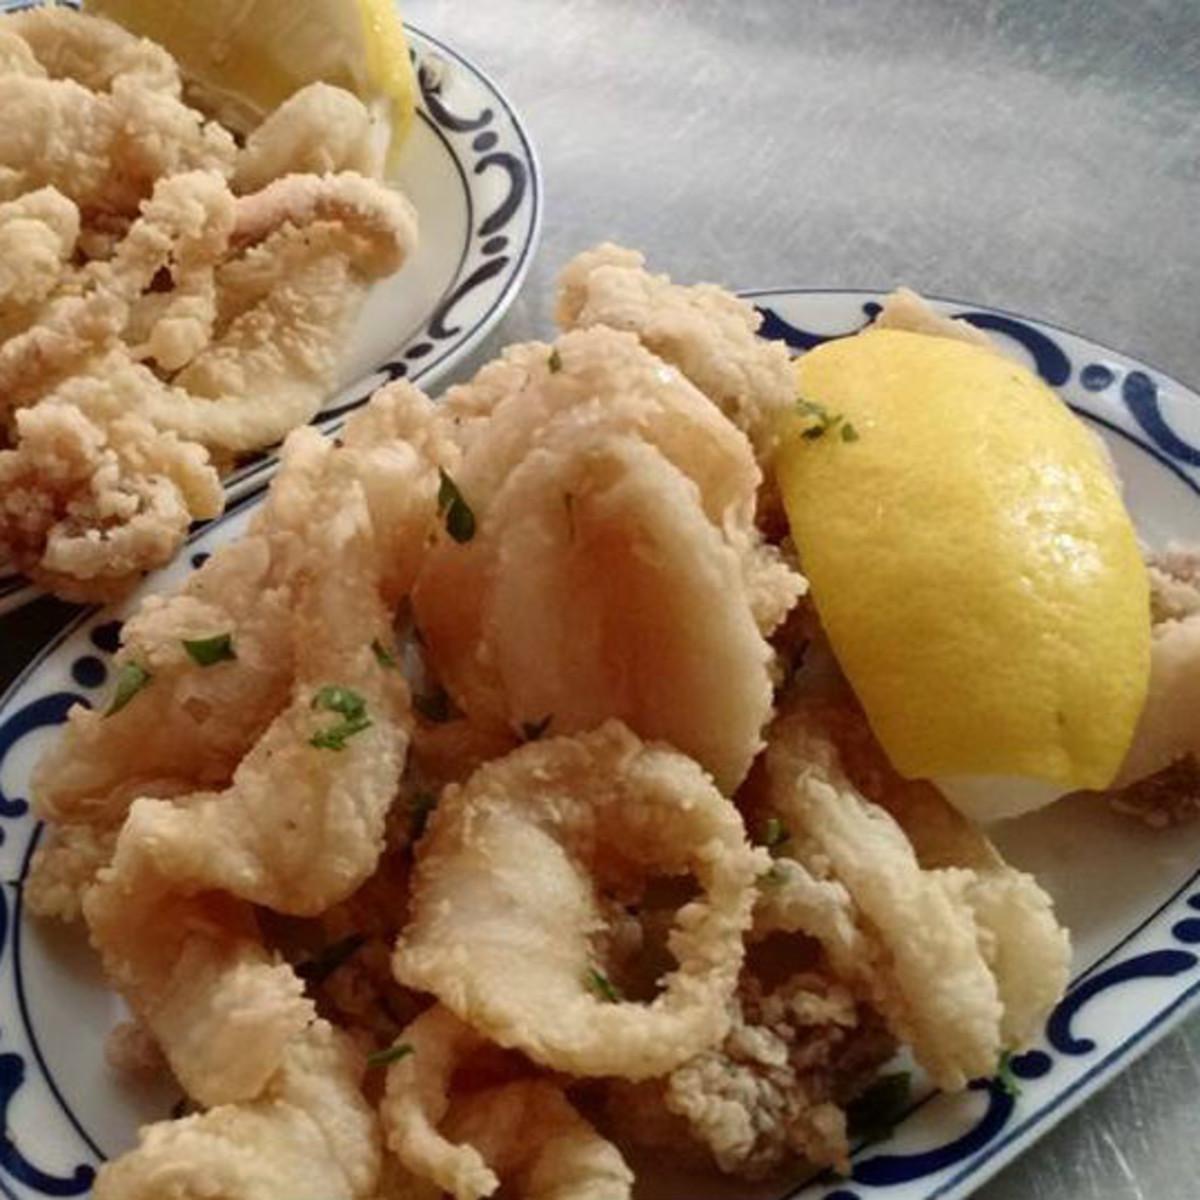 Calamari at Cafe Madrid